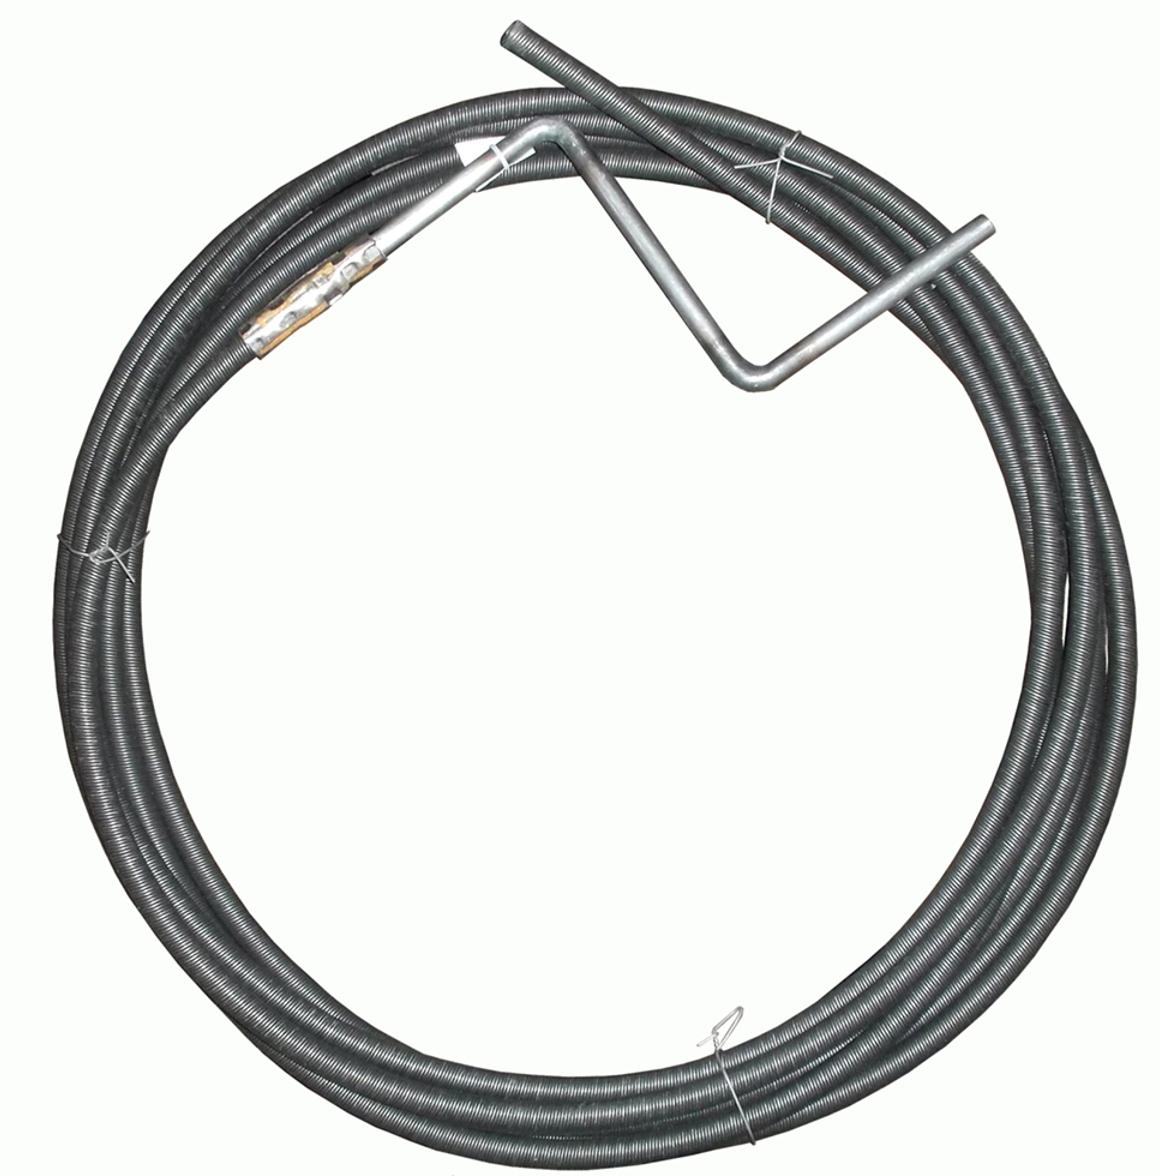 Трос для прочистки канализационных труб МастерПроф, толщина 9 мм, длина 2,5 м трос пружинный для прочистки канализационных труб masterprof 6 мм х 5 м